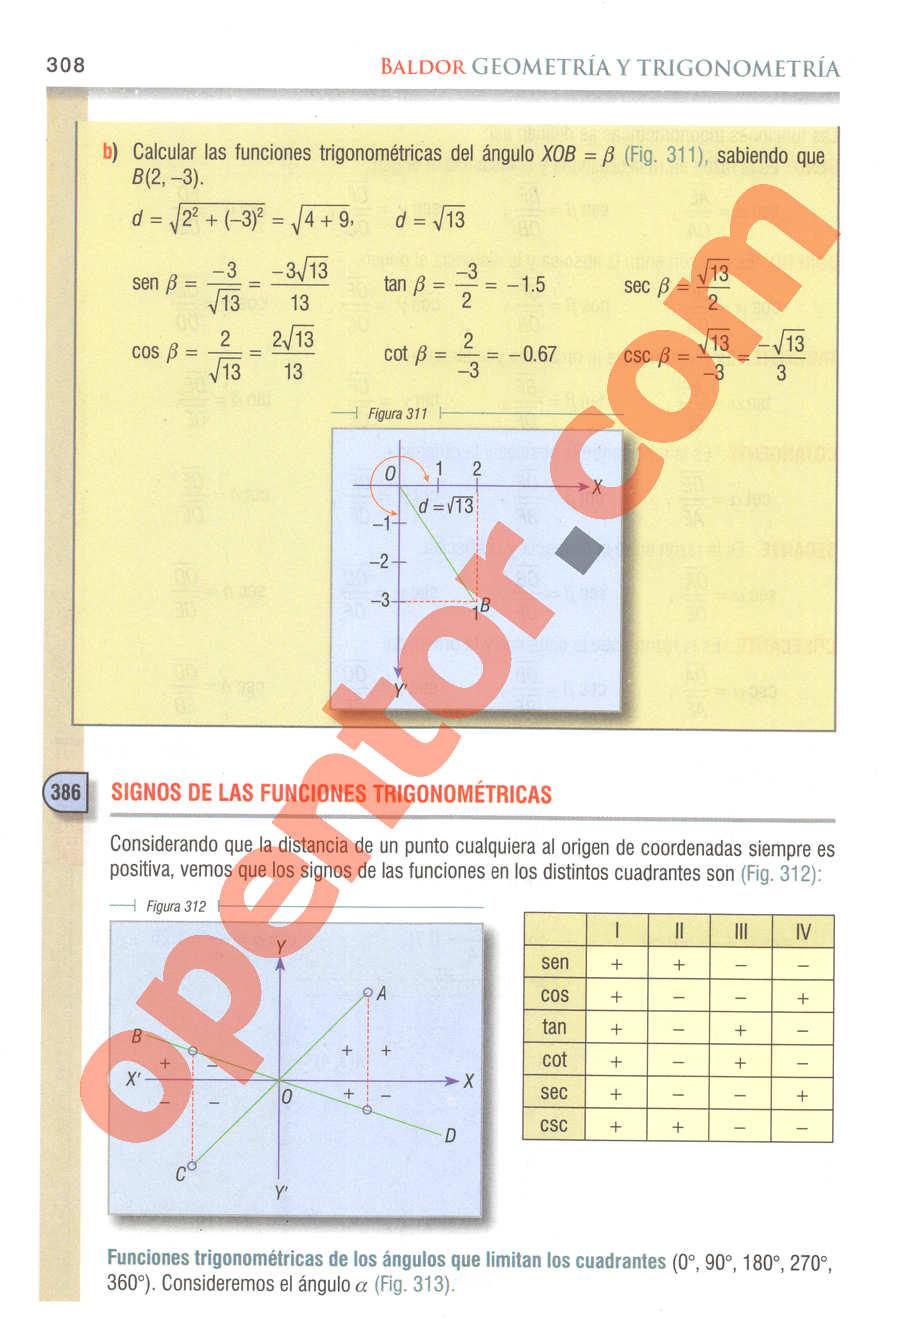 Geometría y Trigonometría de Baldor - Página 308